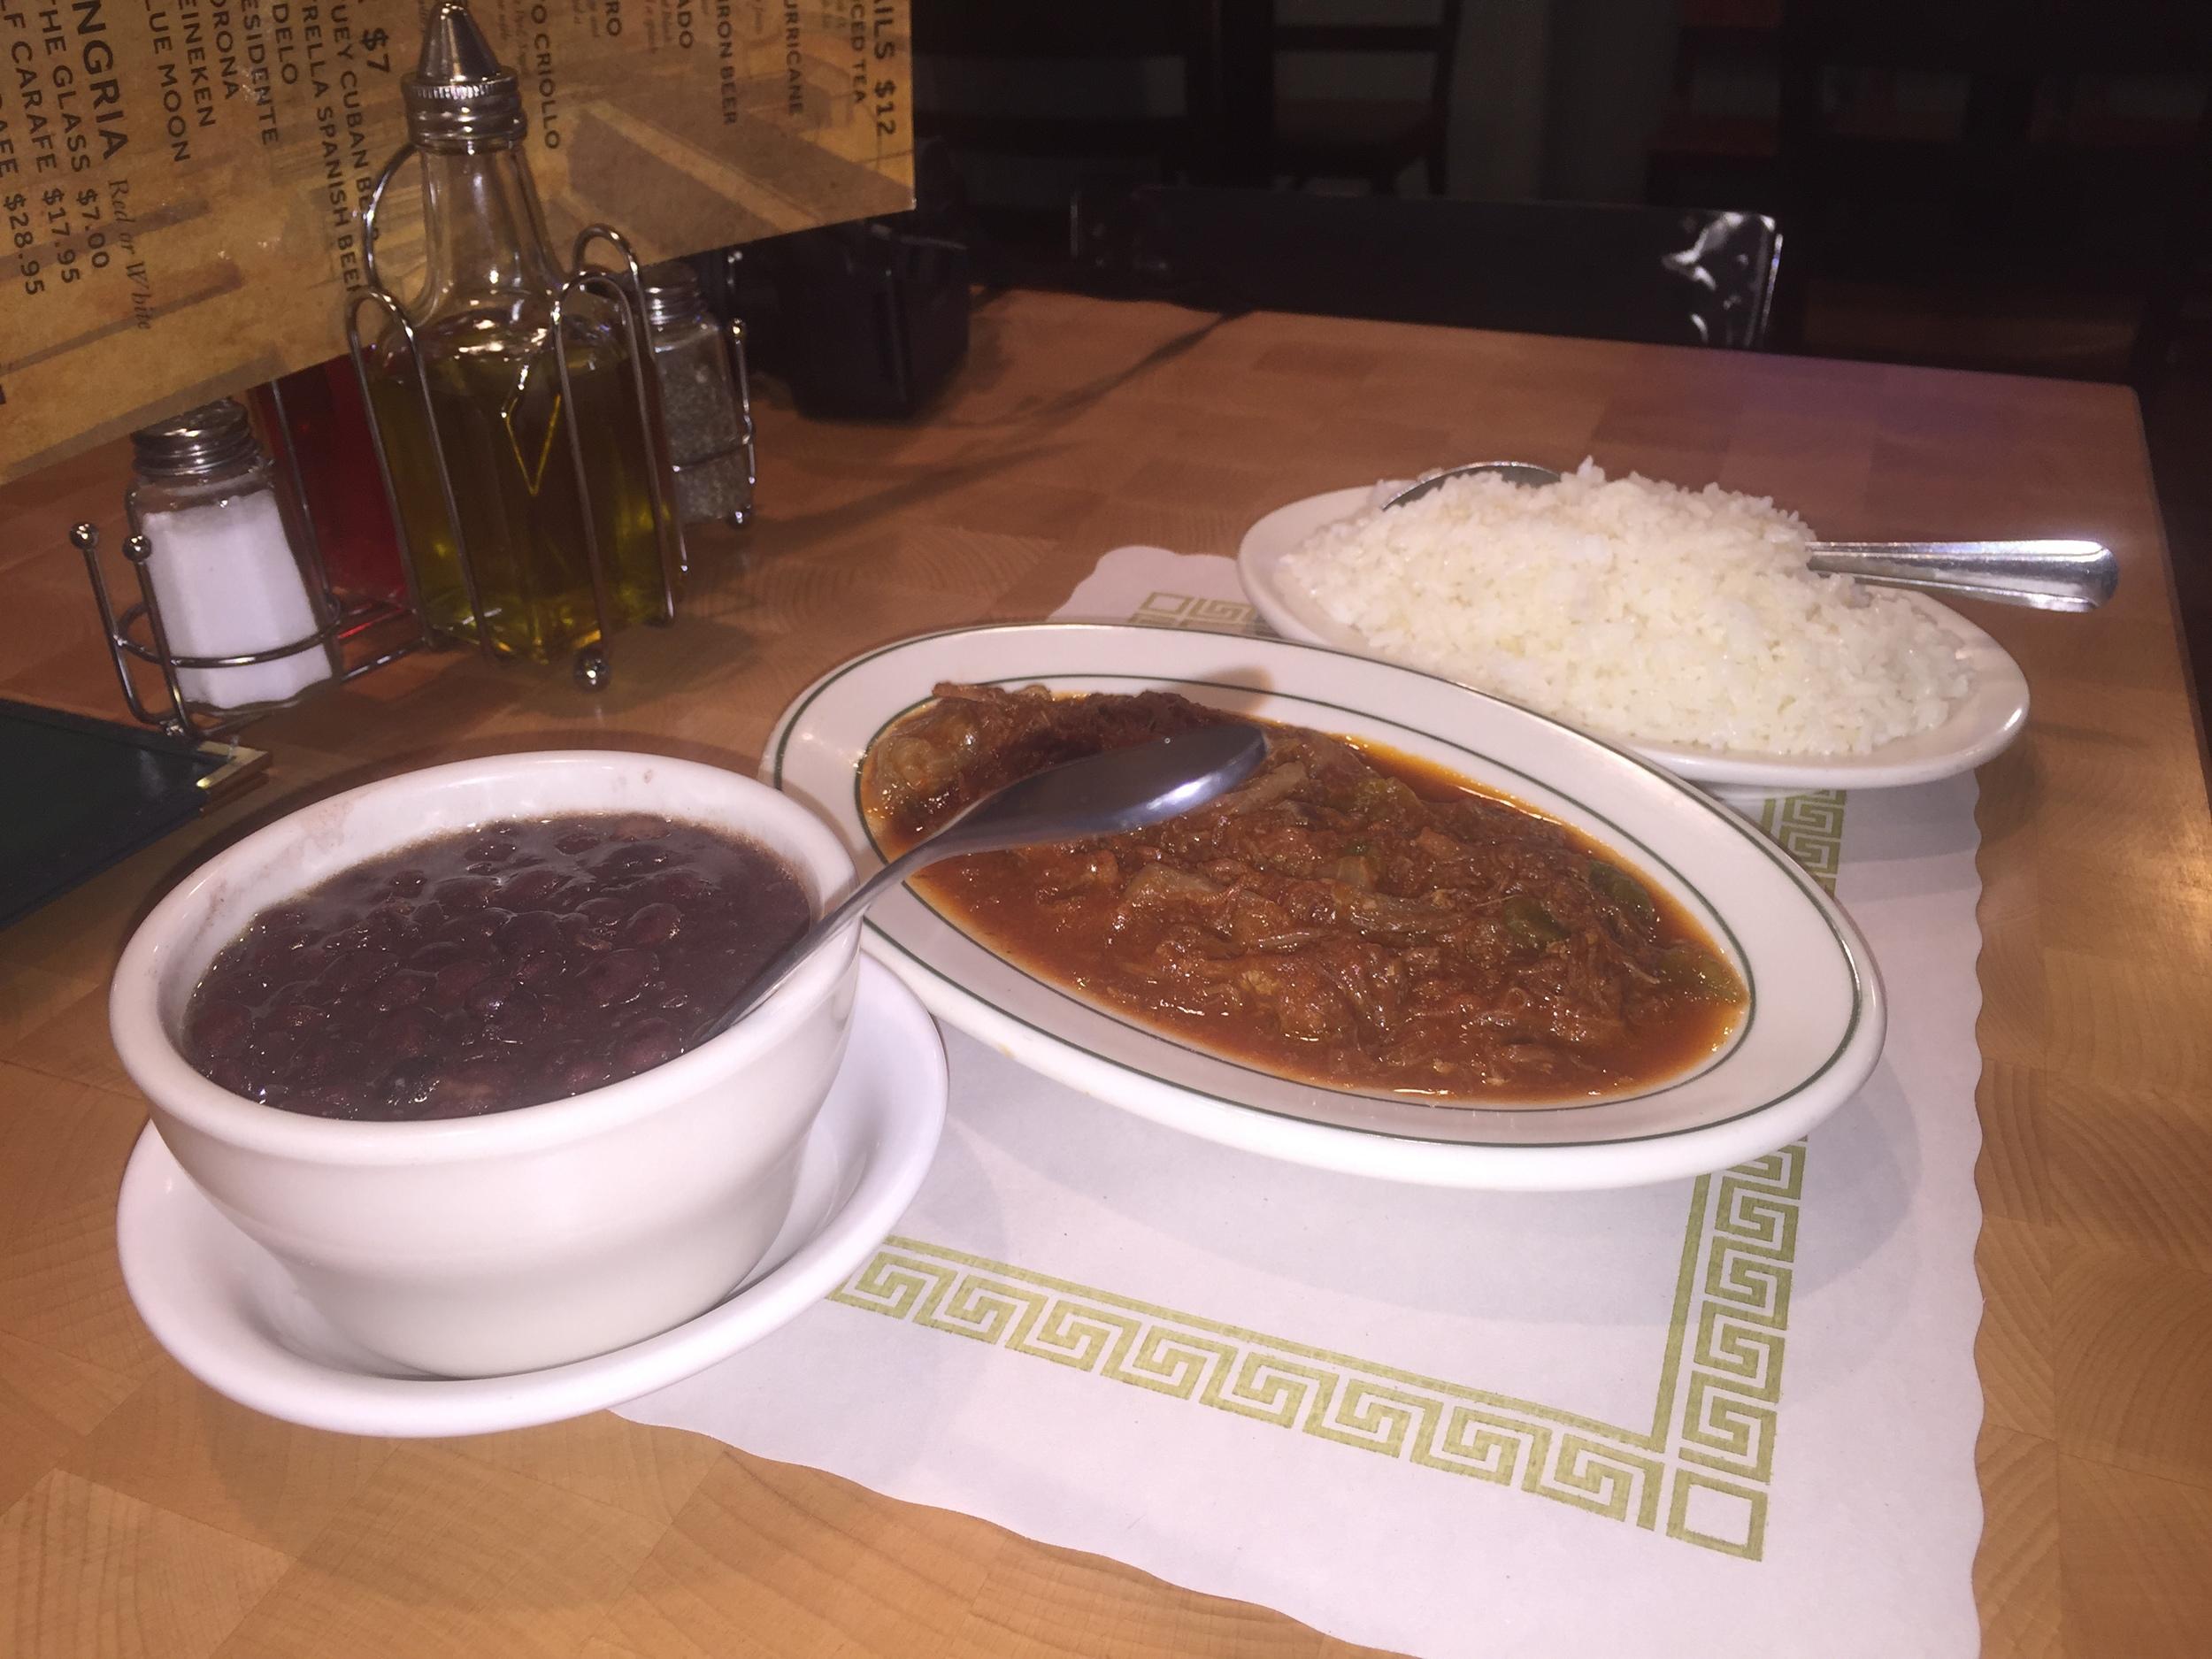 Rincon Criollo's signature dish: Ropa vieja, shredded flank steak in tomato sauce.